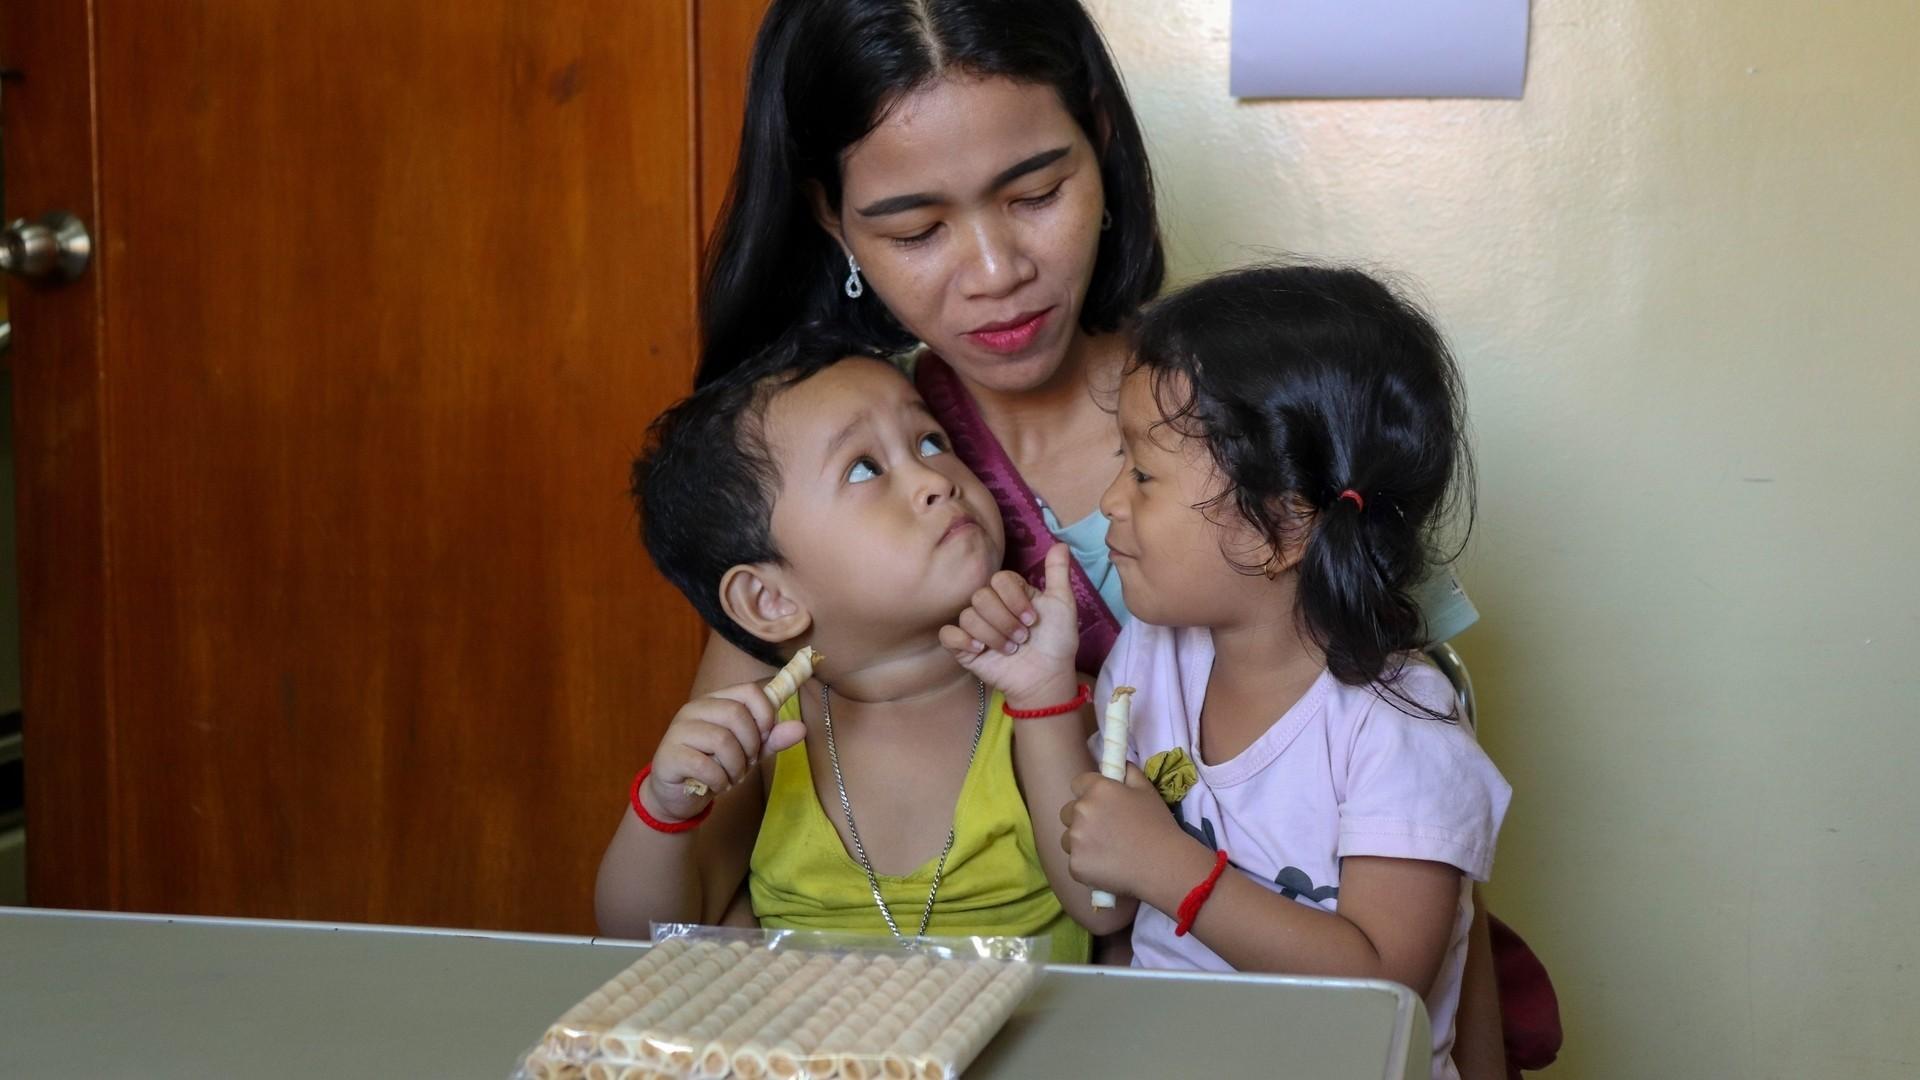 カンボジア、栄養不良の子どもを治療するウエハース食品を開発:ユニセフやフランス研究機関など(佐藤仁) - 個人 - Yahoo!ニュース